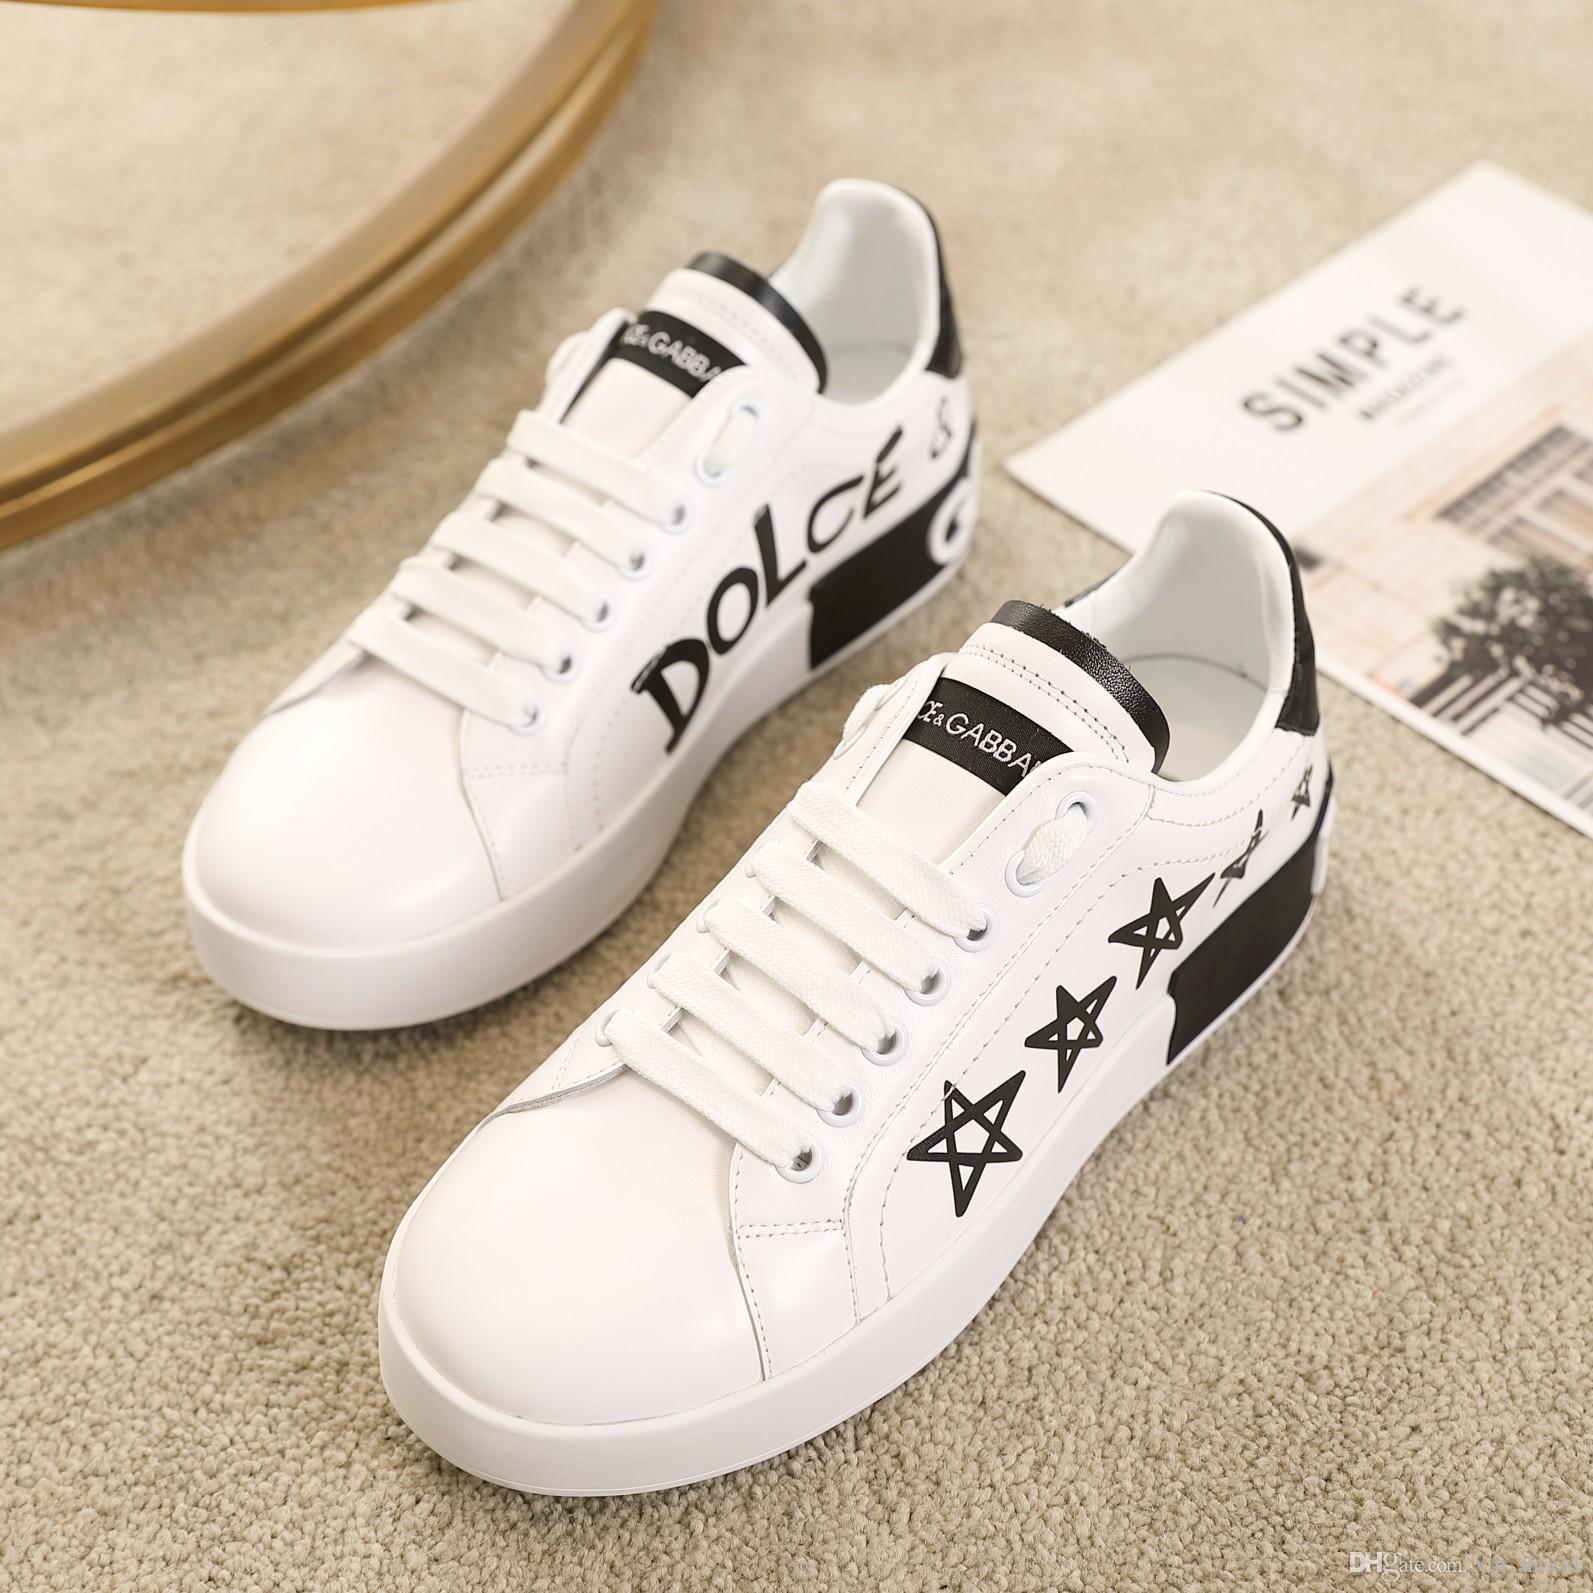 2020h hombres y mujeres nuevos zapatos de lujo de diseño deportivo, zapatos de moda par casuales salvajes, hombres y mujeres del partido tamaño de los zapatos: 35-45